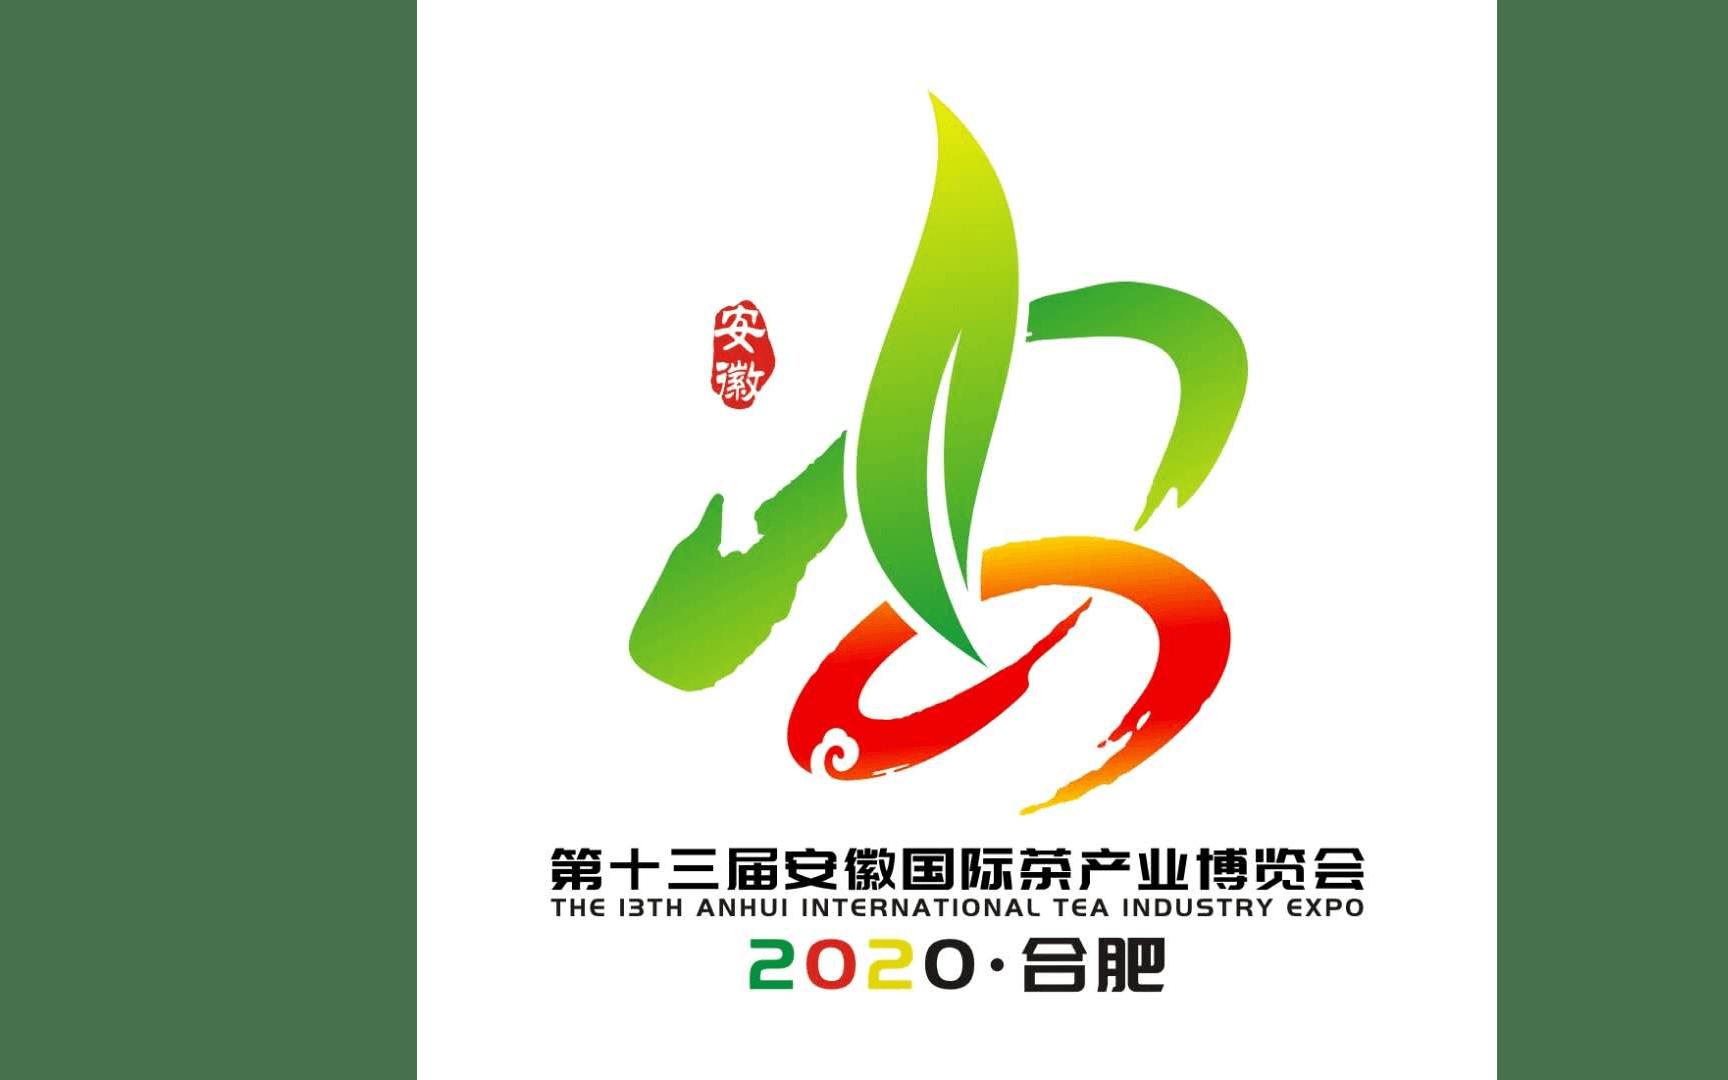 2020第十三屆安徽國際茶產業博覽會